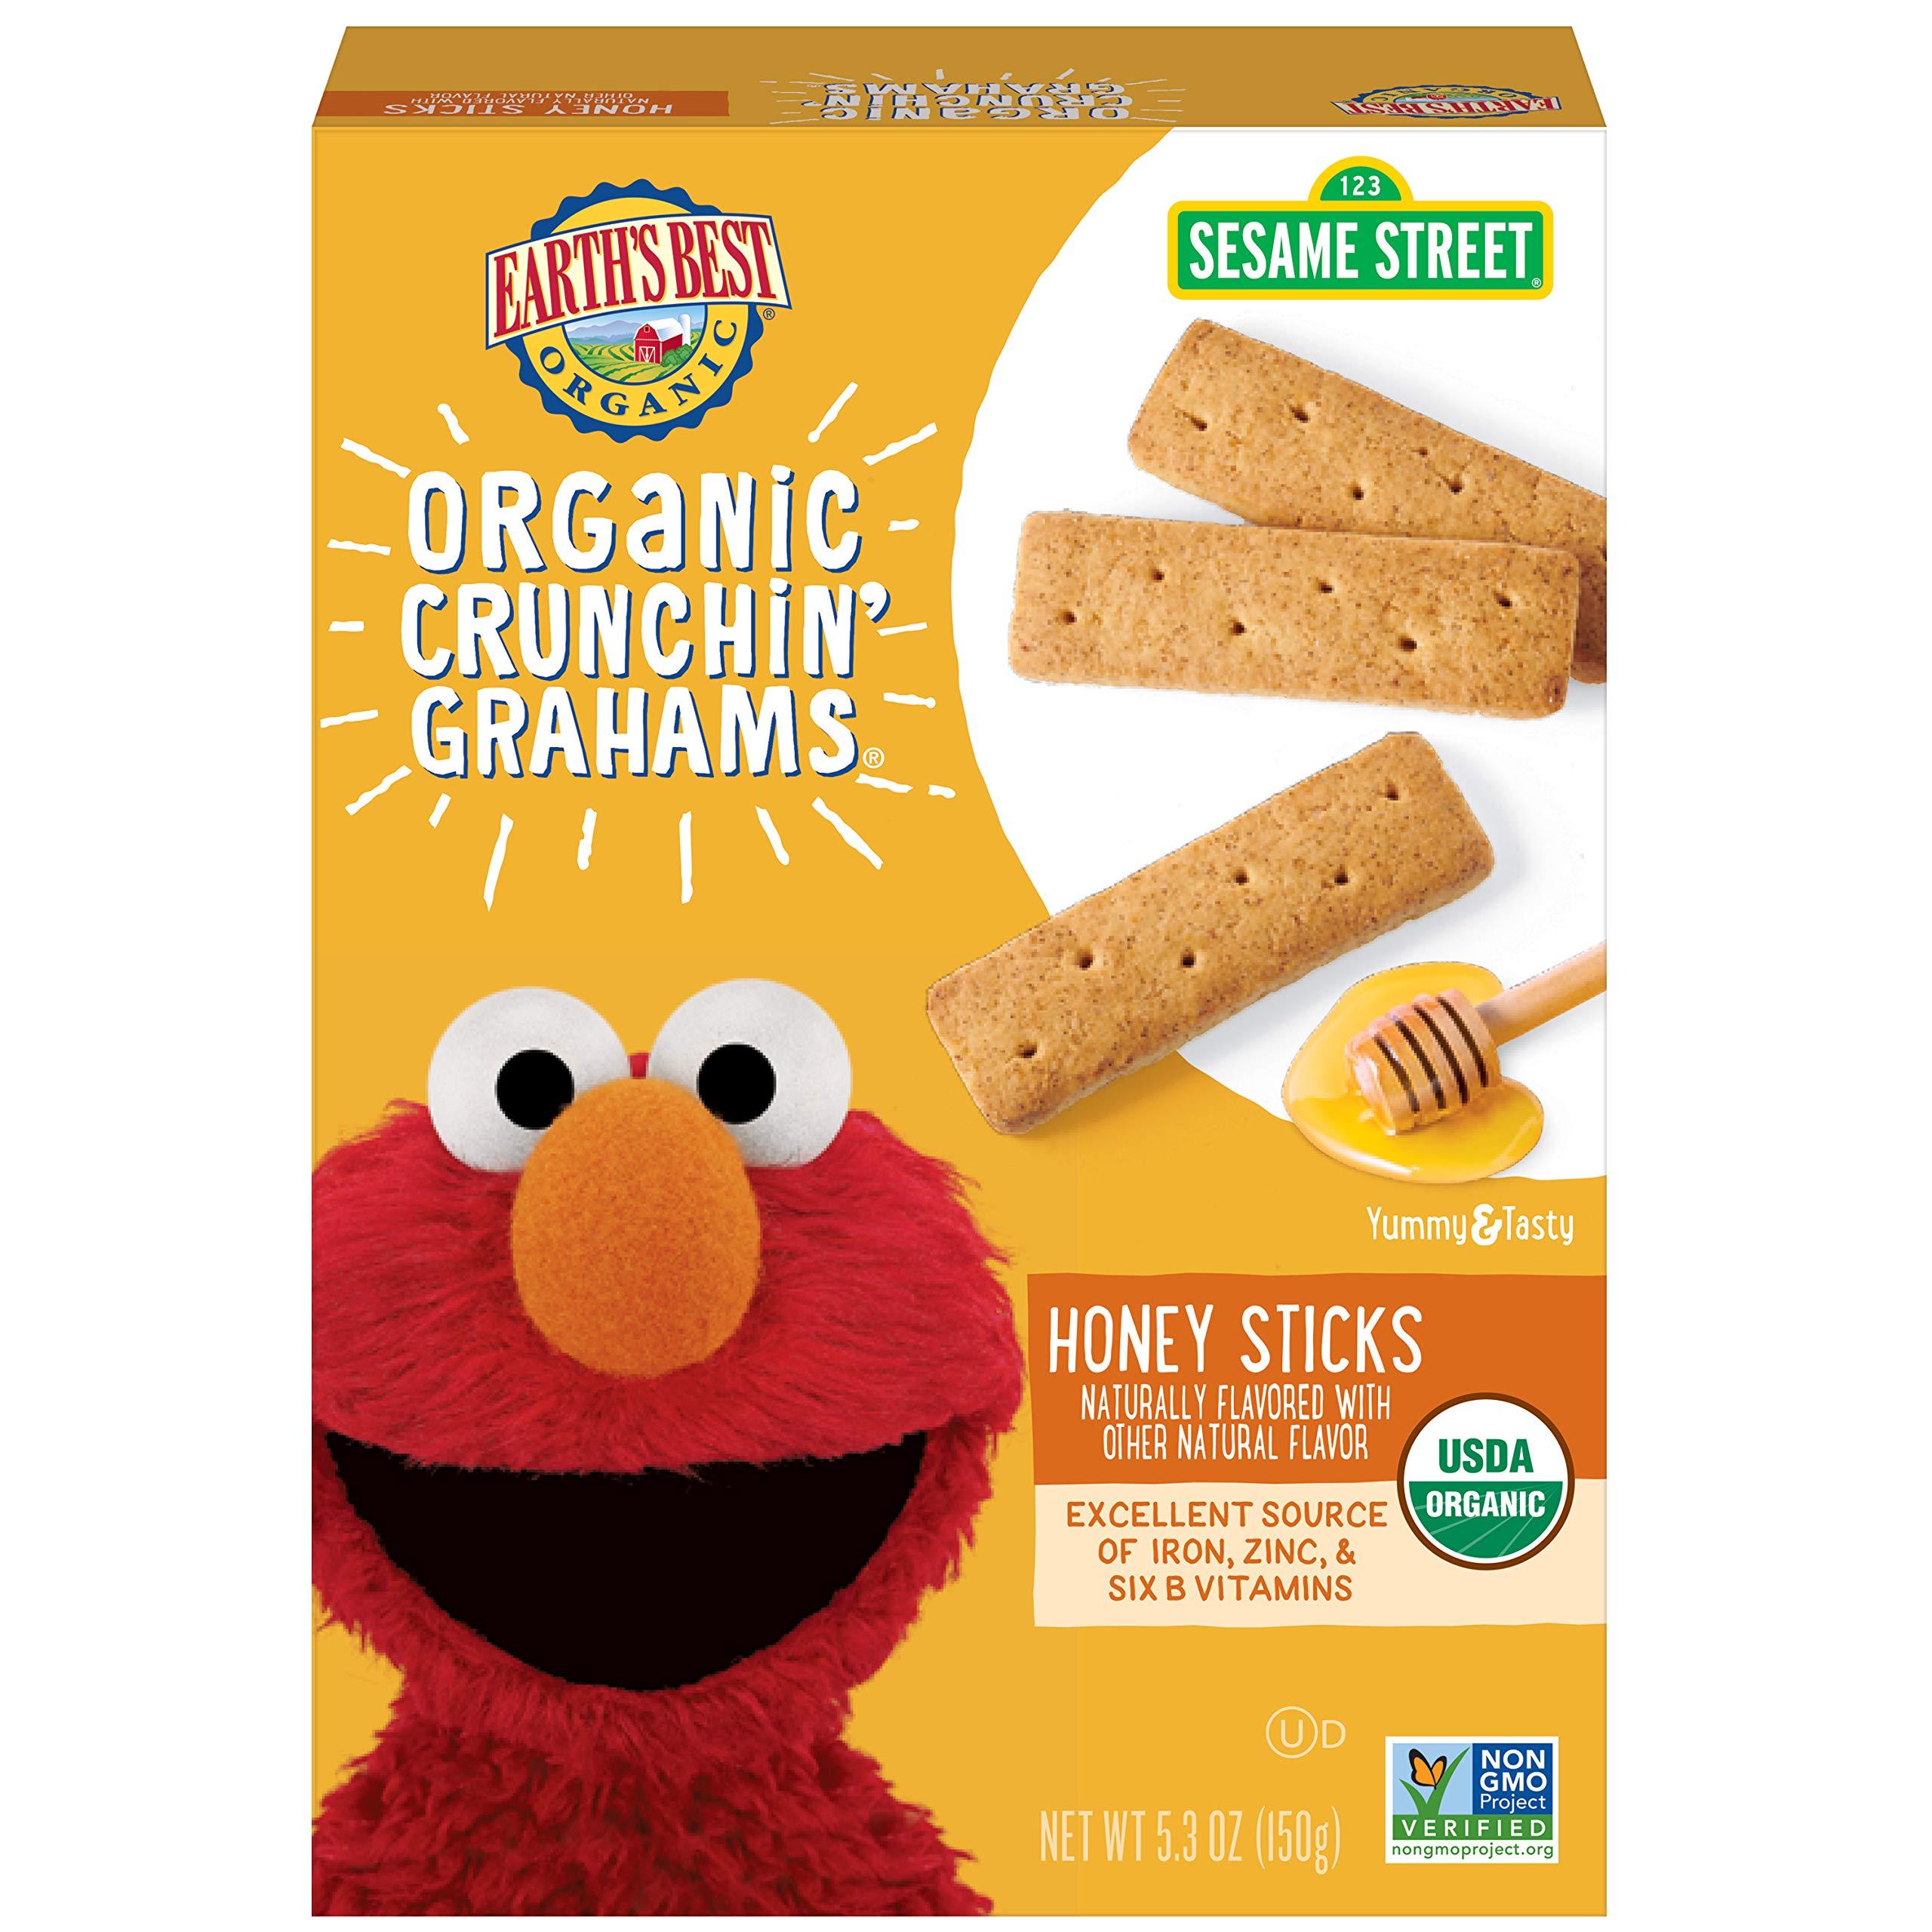 Earth's Best Organic Sesame Street Toddler Crunchin' Grahams, Honey Sticks, 5.3 oz. Box (Pack of 6) by Earth's Best